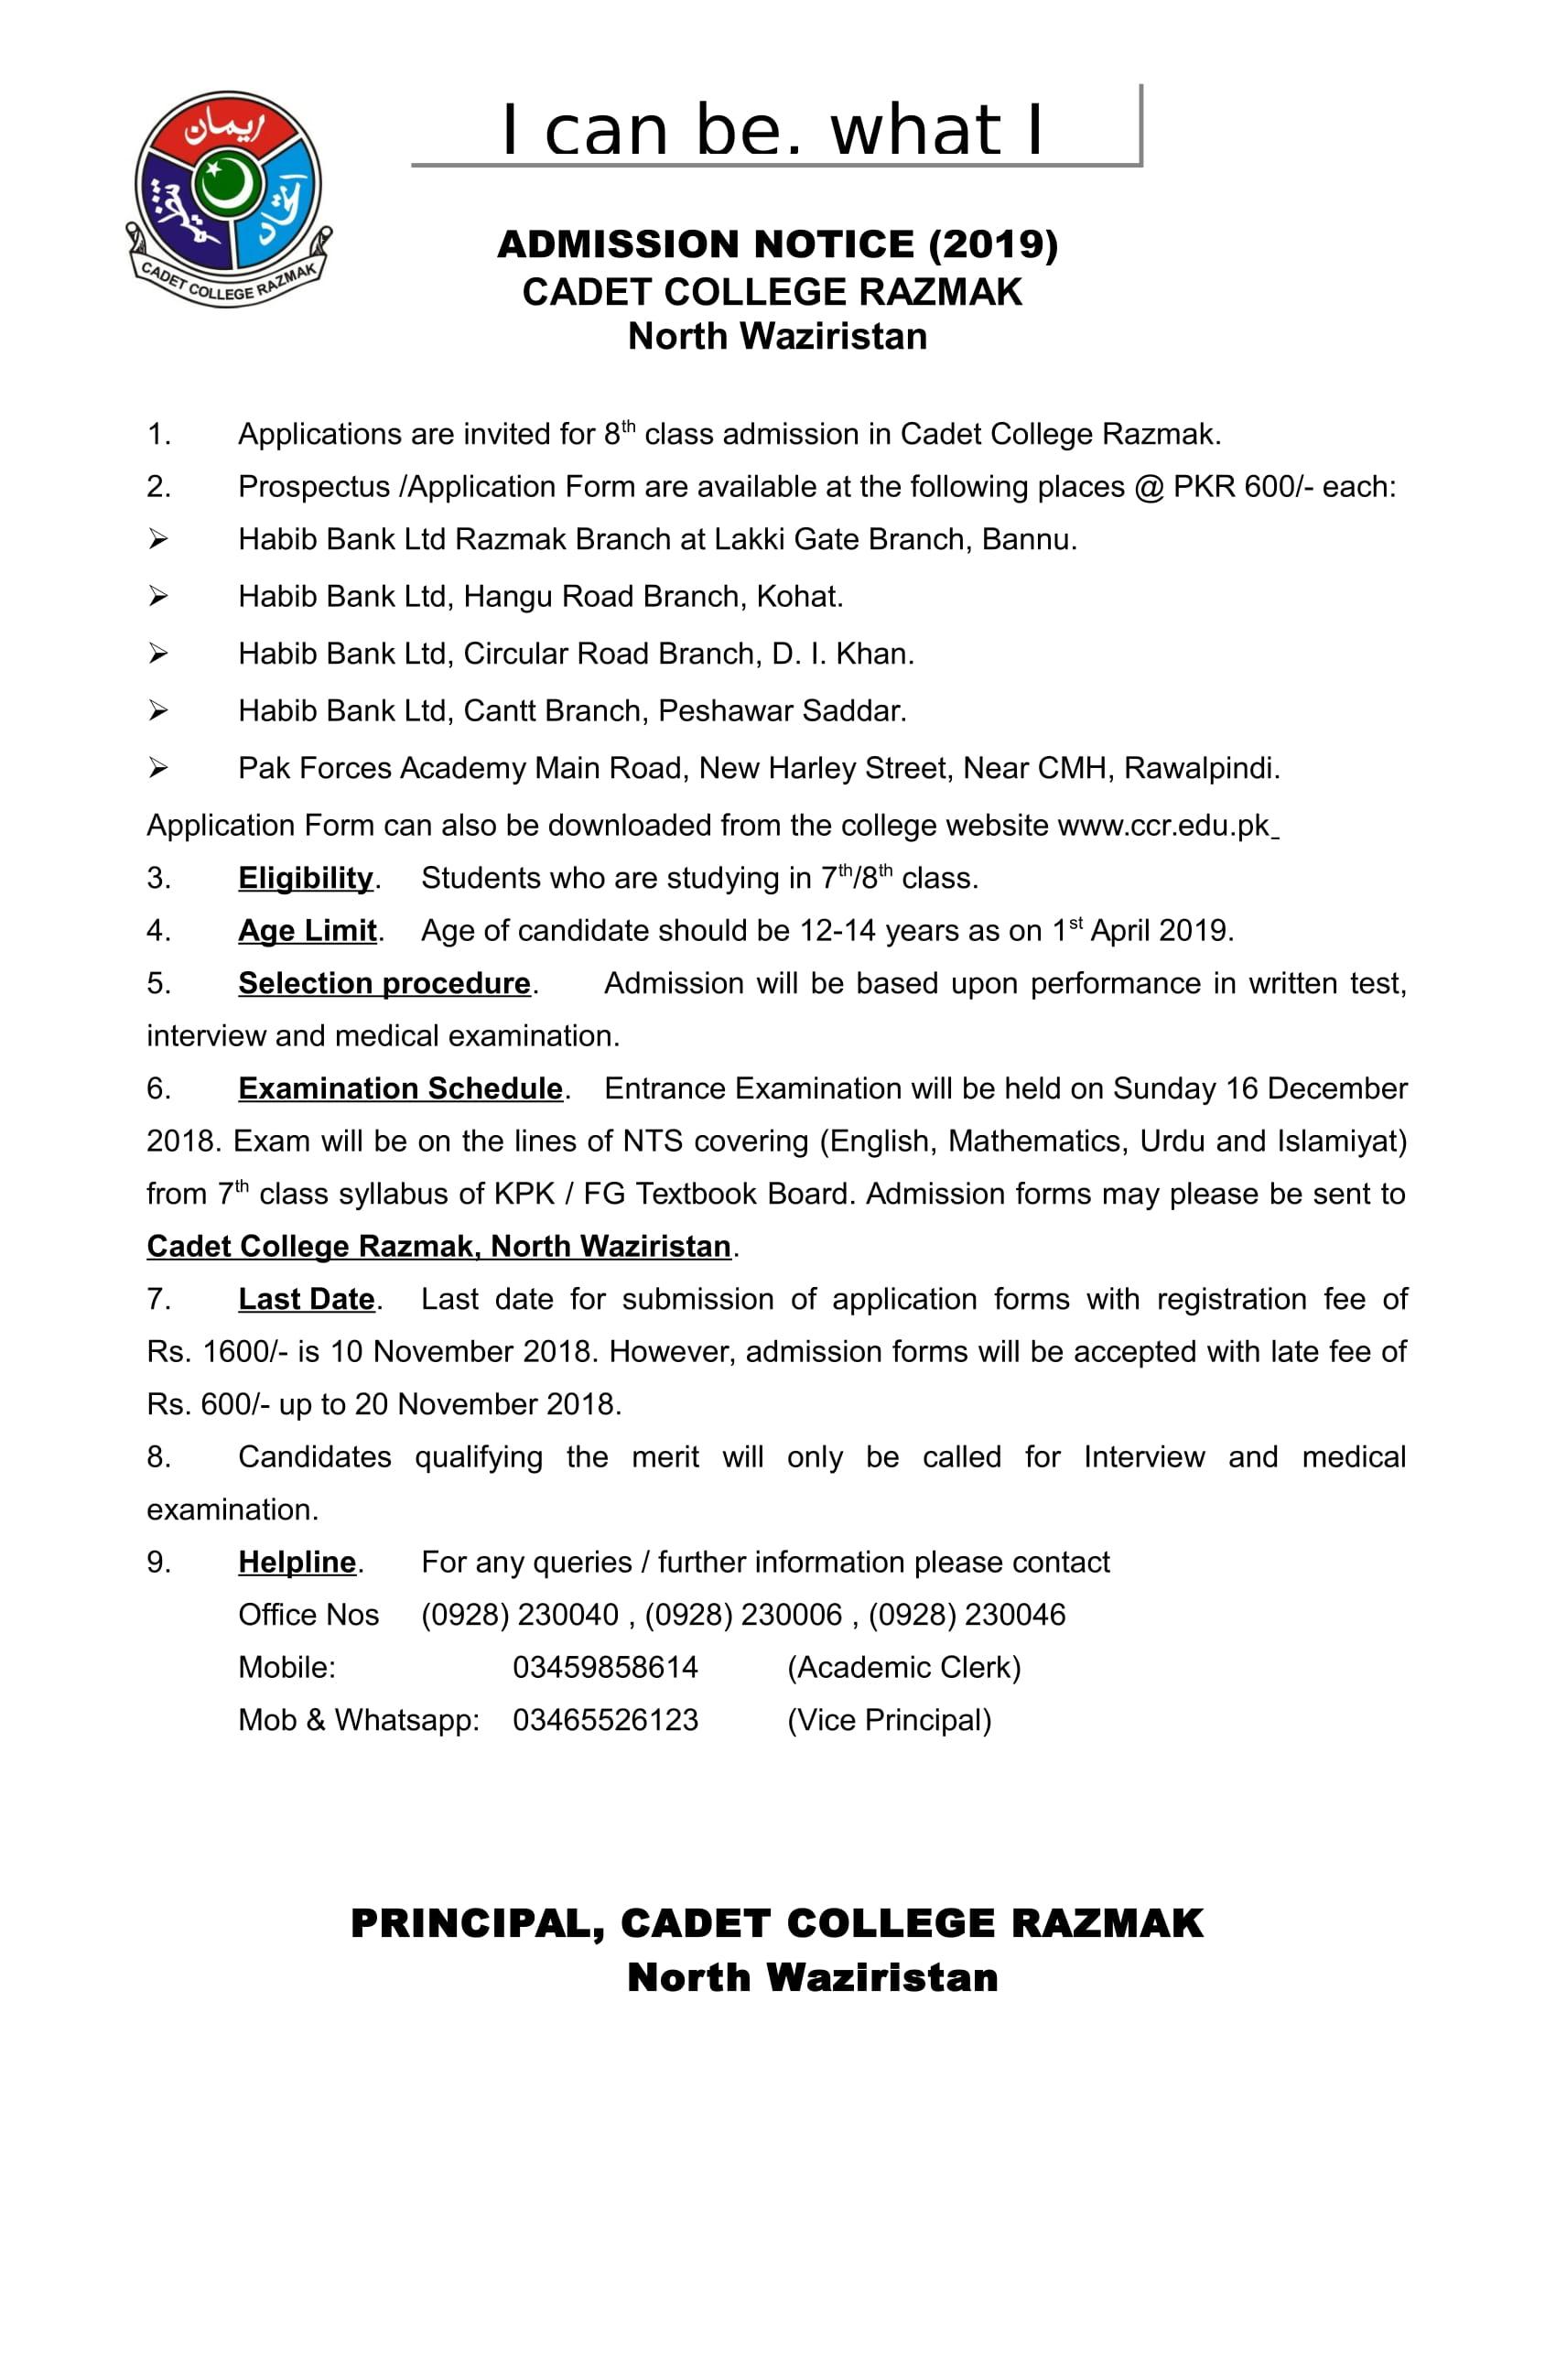 Cadet-College-Razmak admission notice 2019